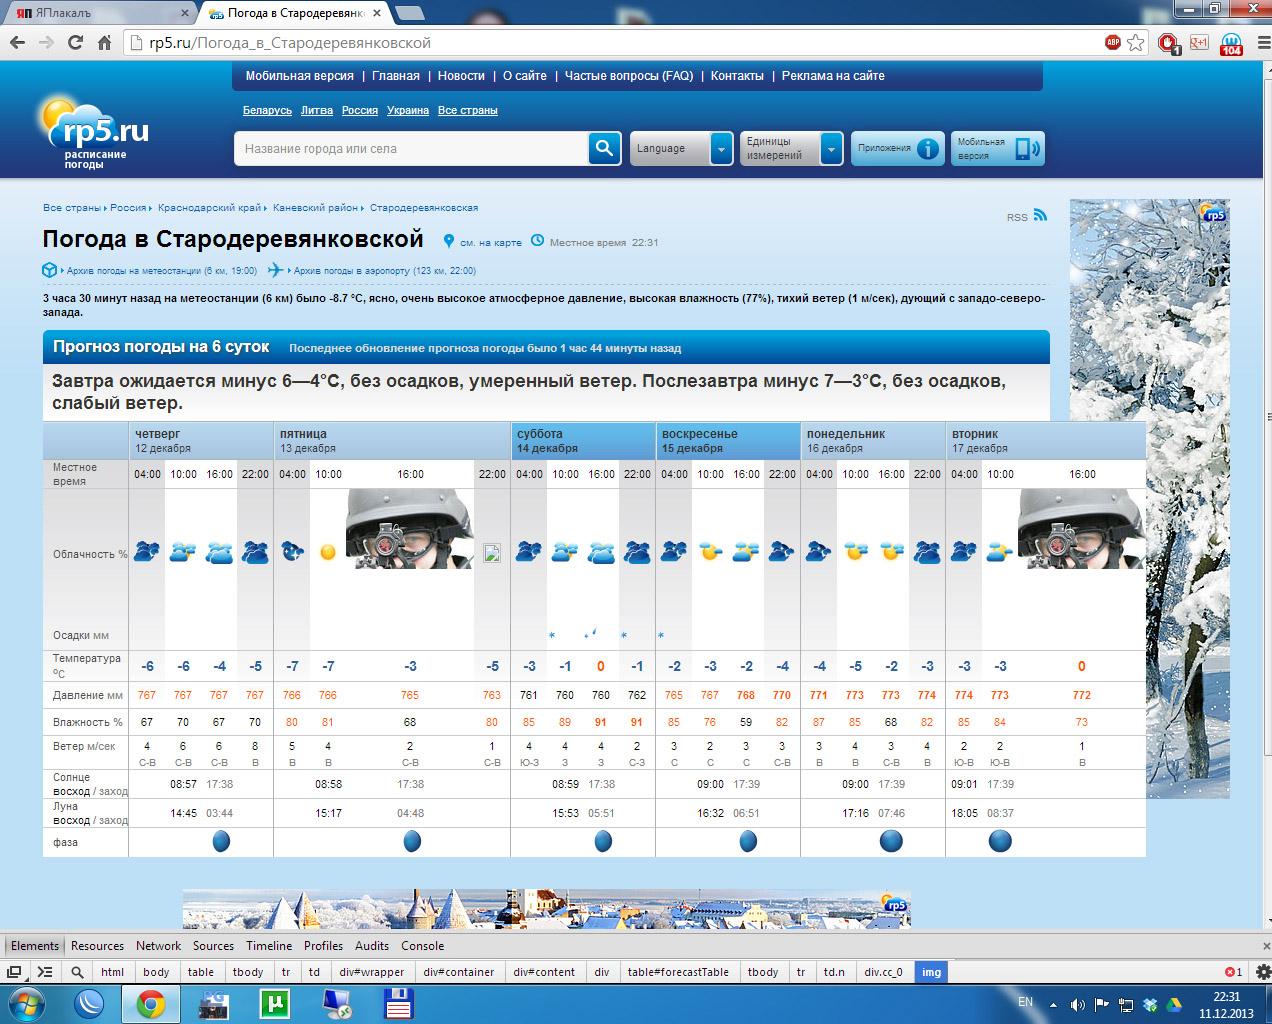 Скриншот 2013-12-11 22.31